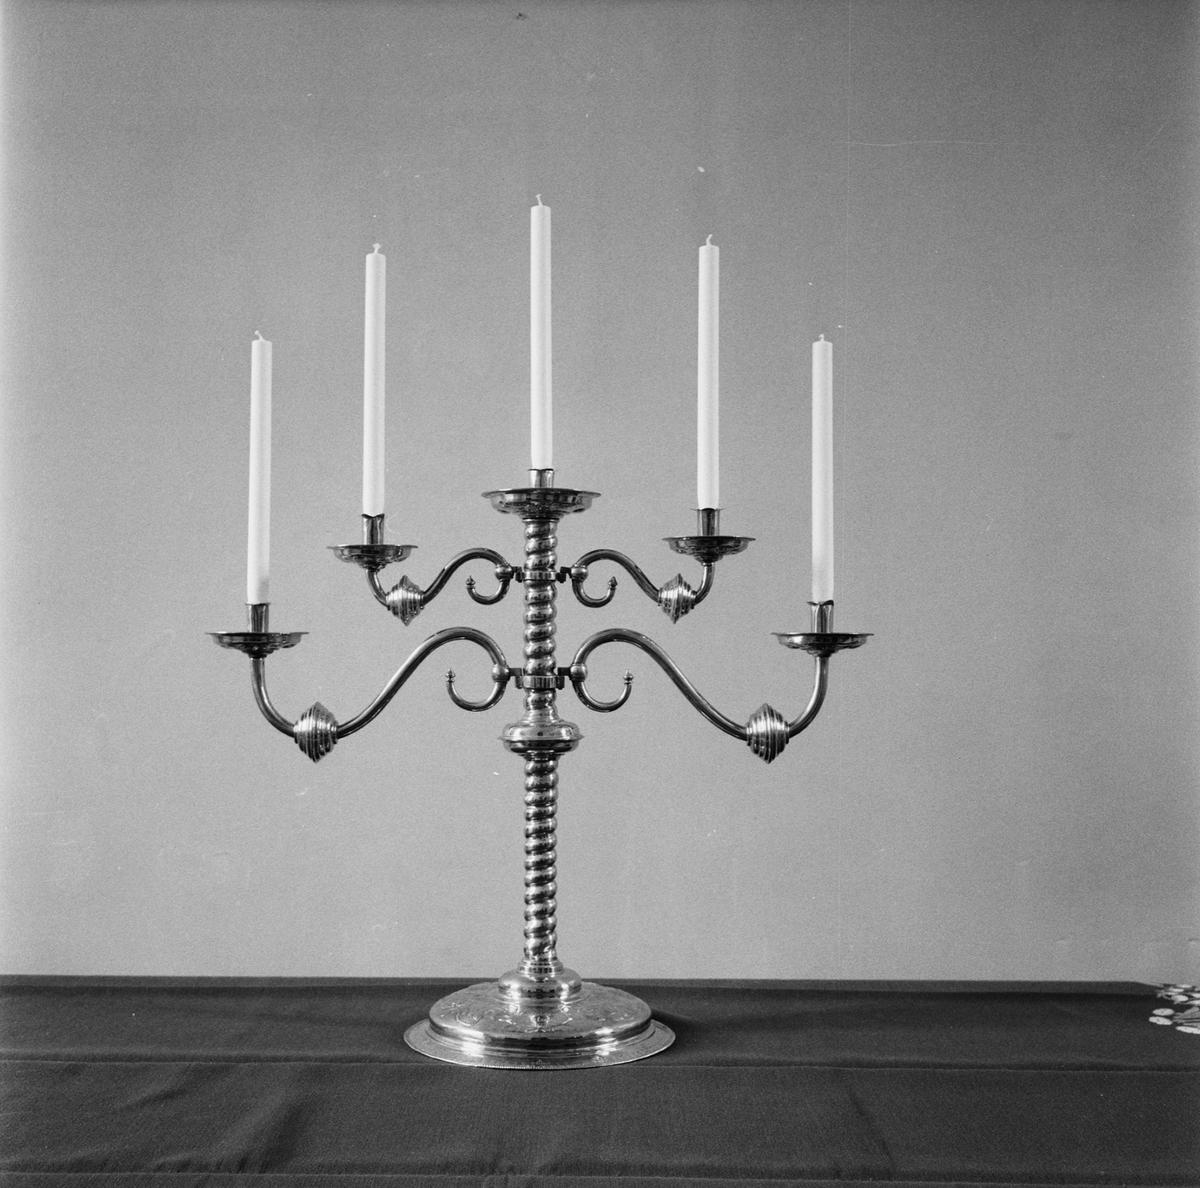 Övrigt: Fotodatum:14/4 1961 Byggnader och Kranar. Amt-kyrkan kyrksilver. Närmast identisk bild: V20693, ej skannad